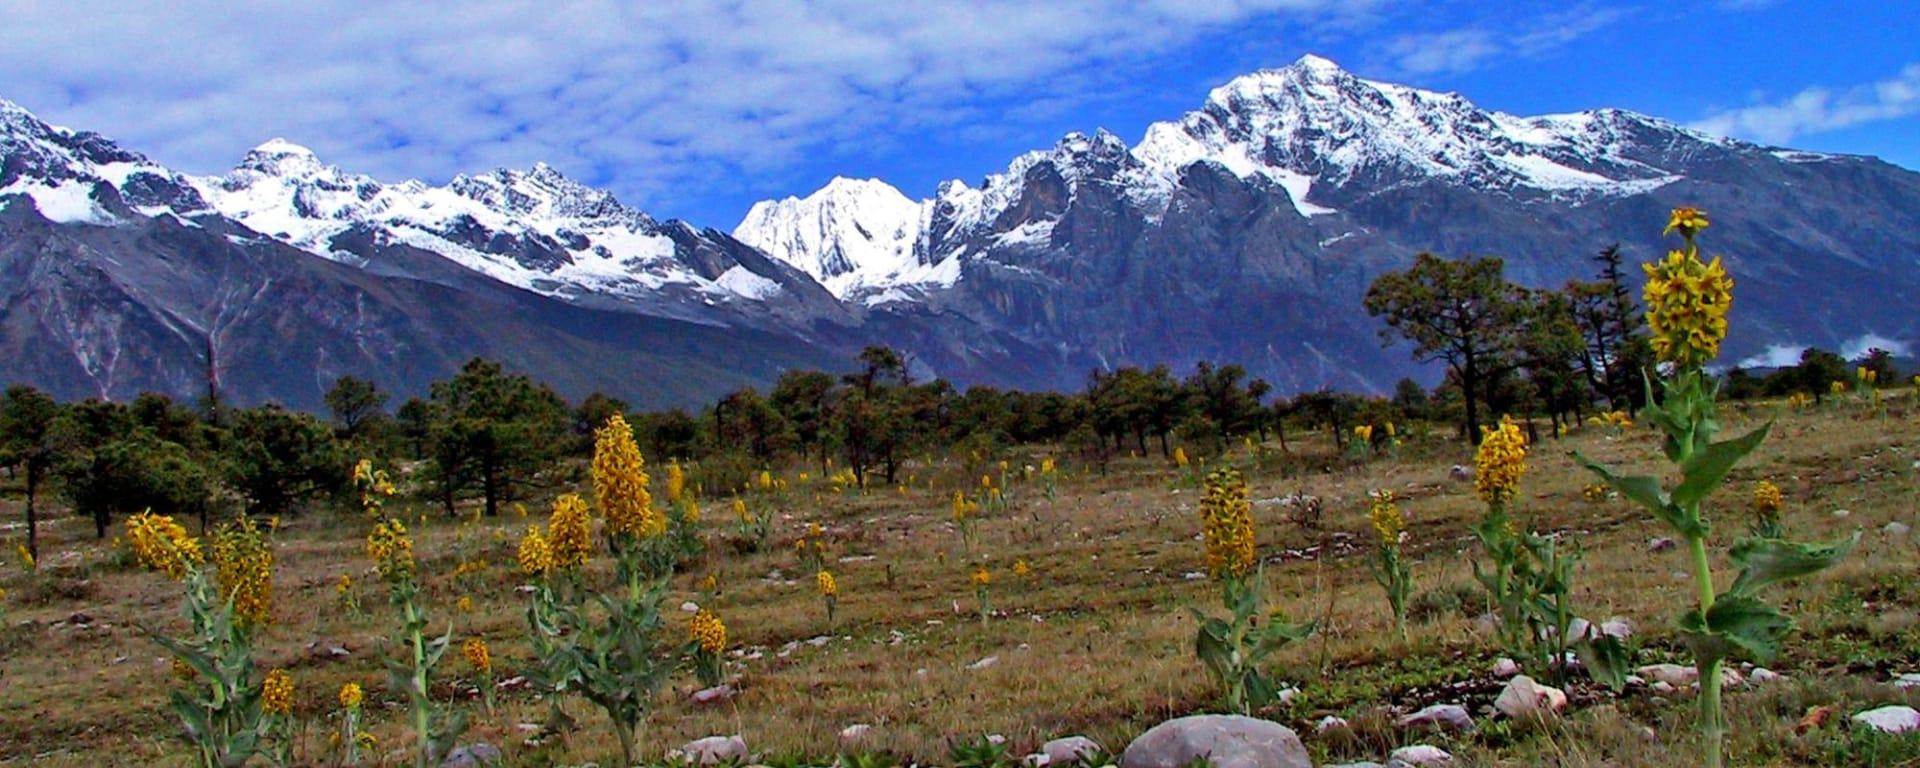 Les hauts lieux du Yunnan de Kunming: Lijiang: Snow Mountain